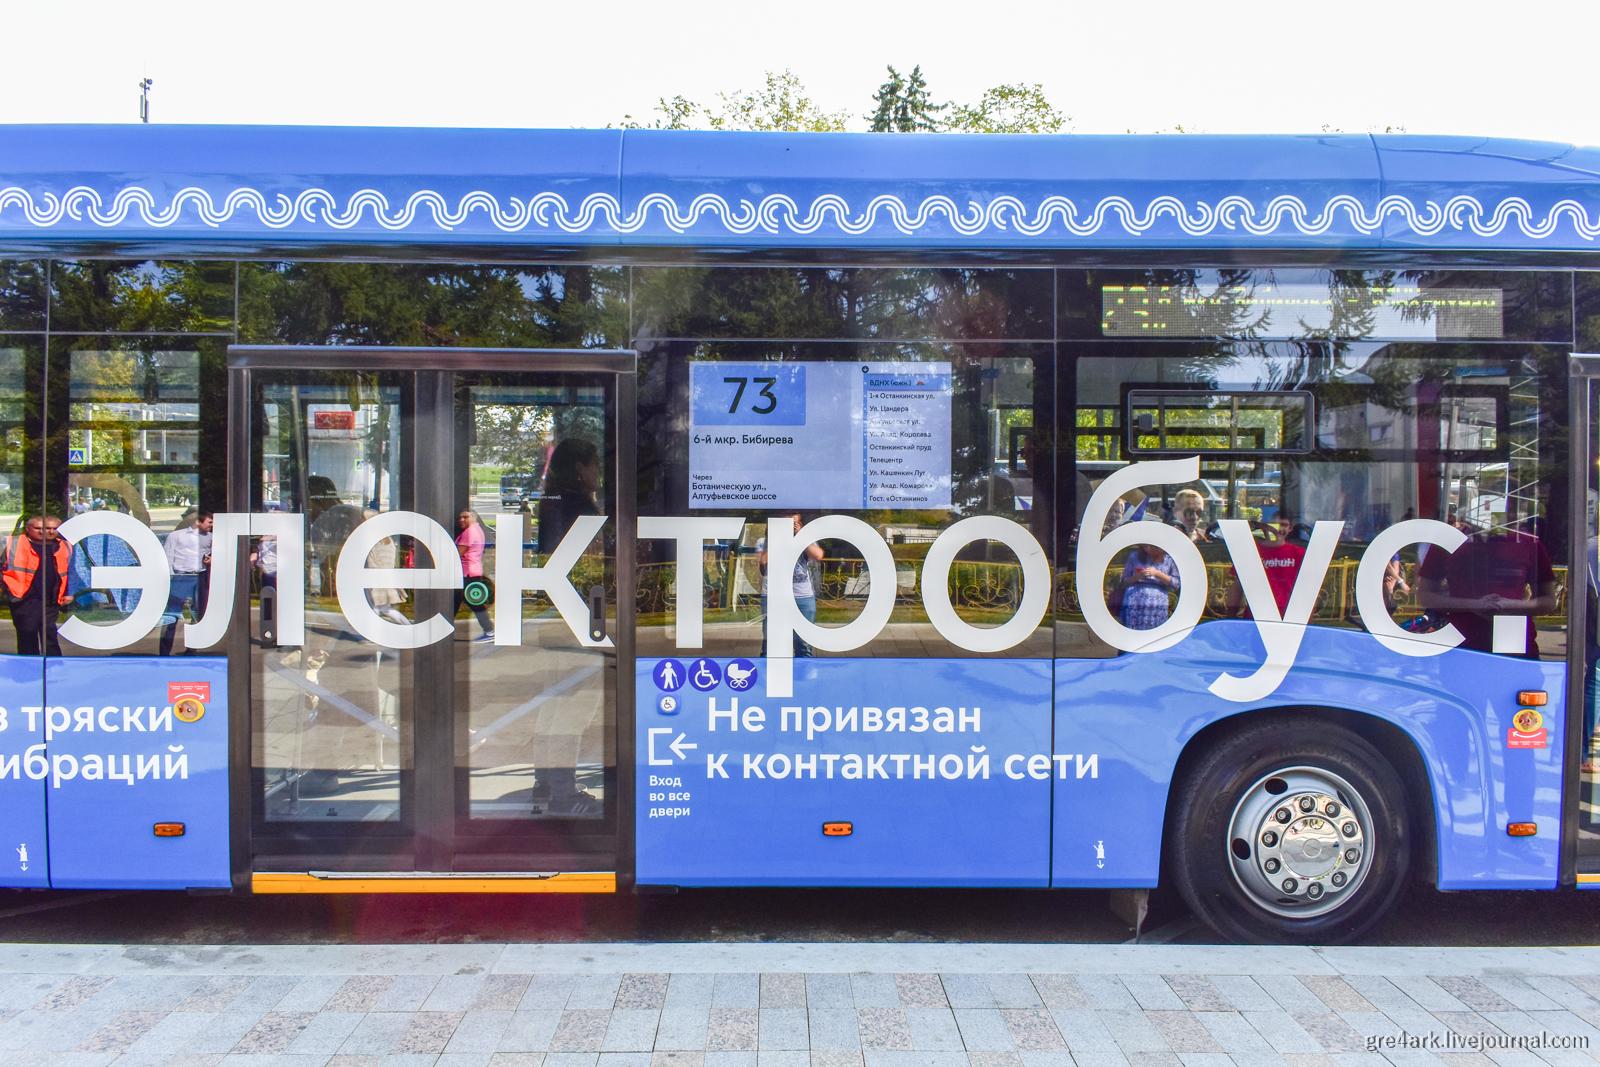 Московский электробус: гордость или провал?